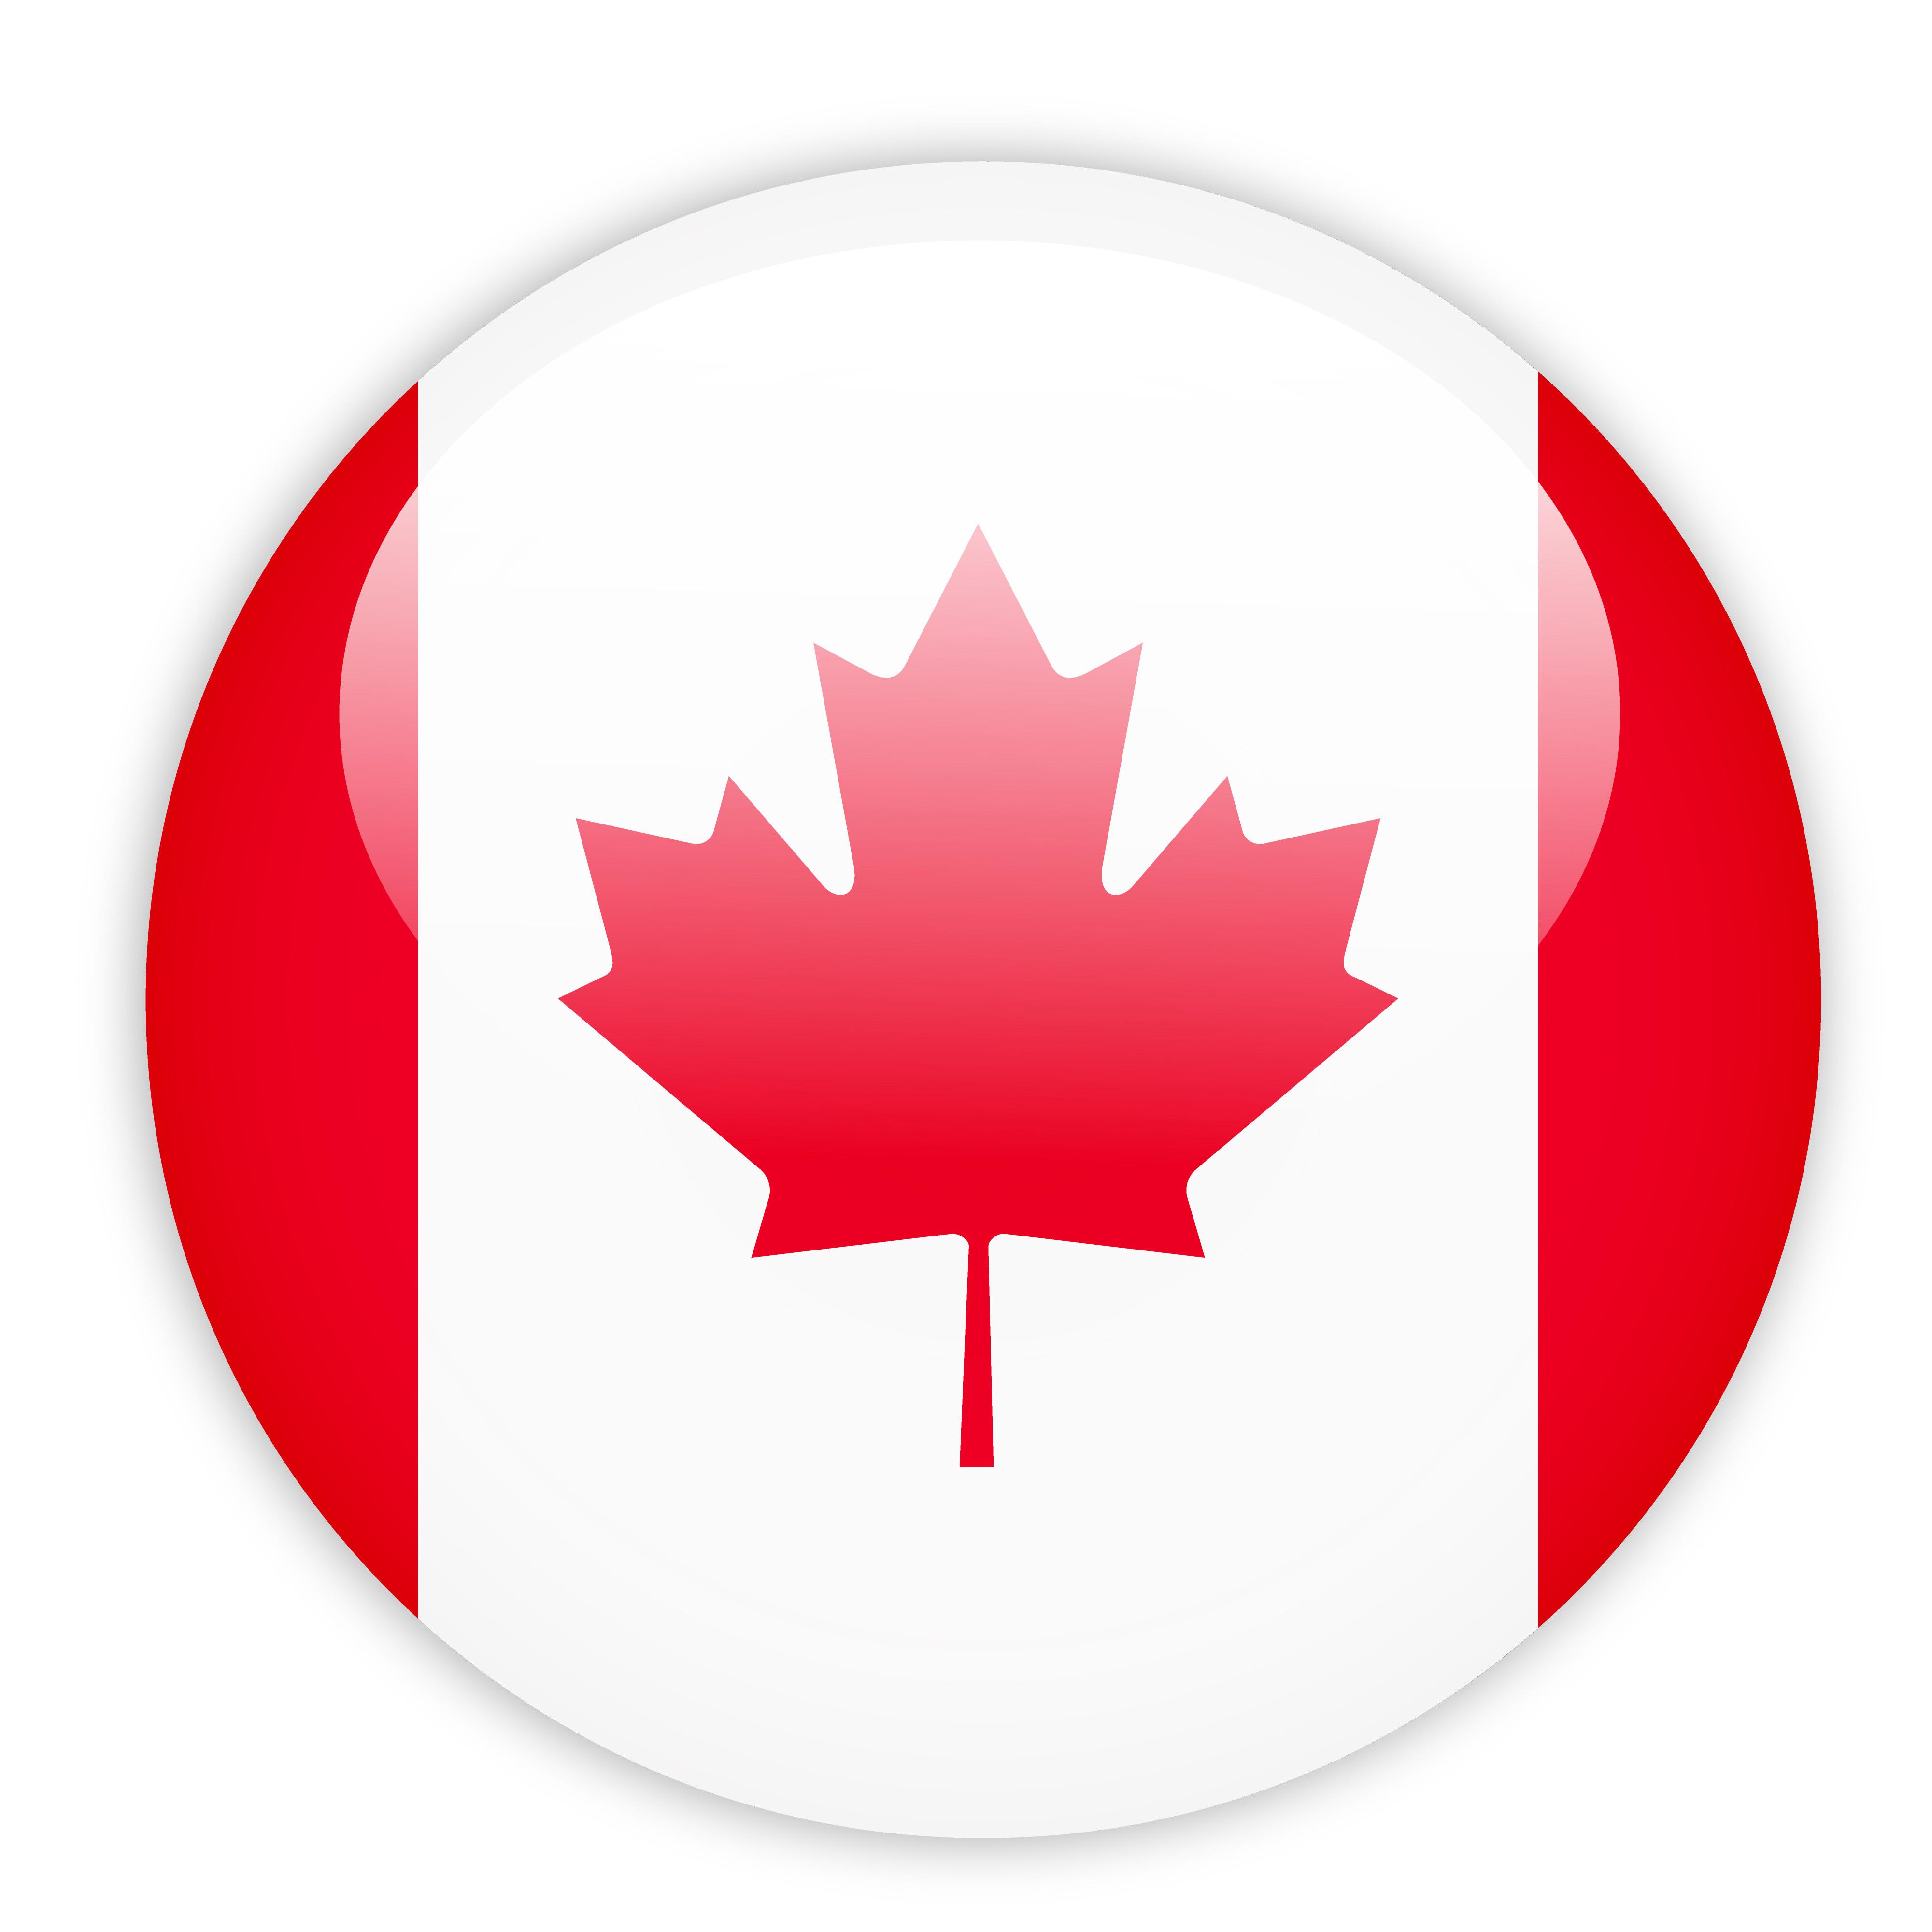 الاقتصاد الكندي يضيف وظائف أكثر من المتوقع